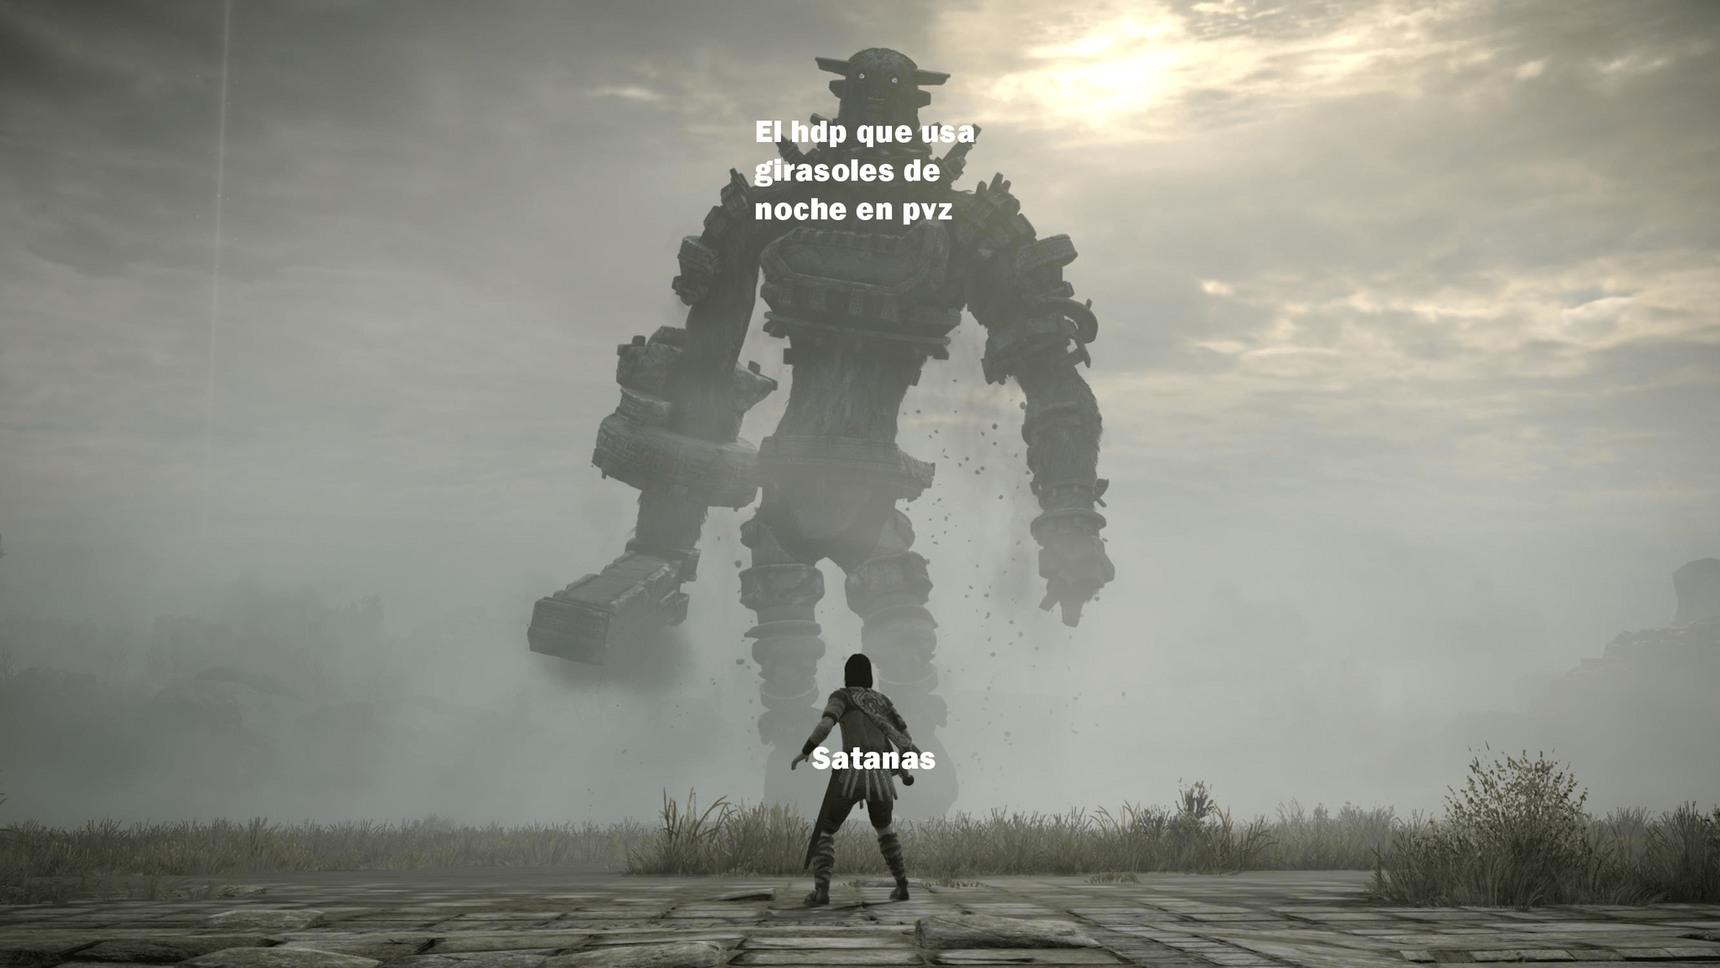 Mi primer meme de pvz